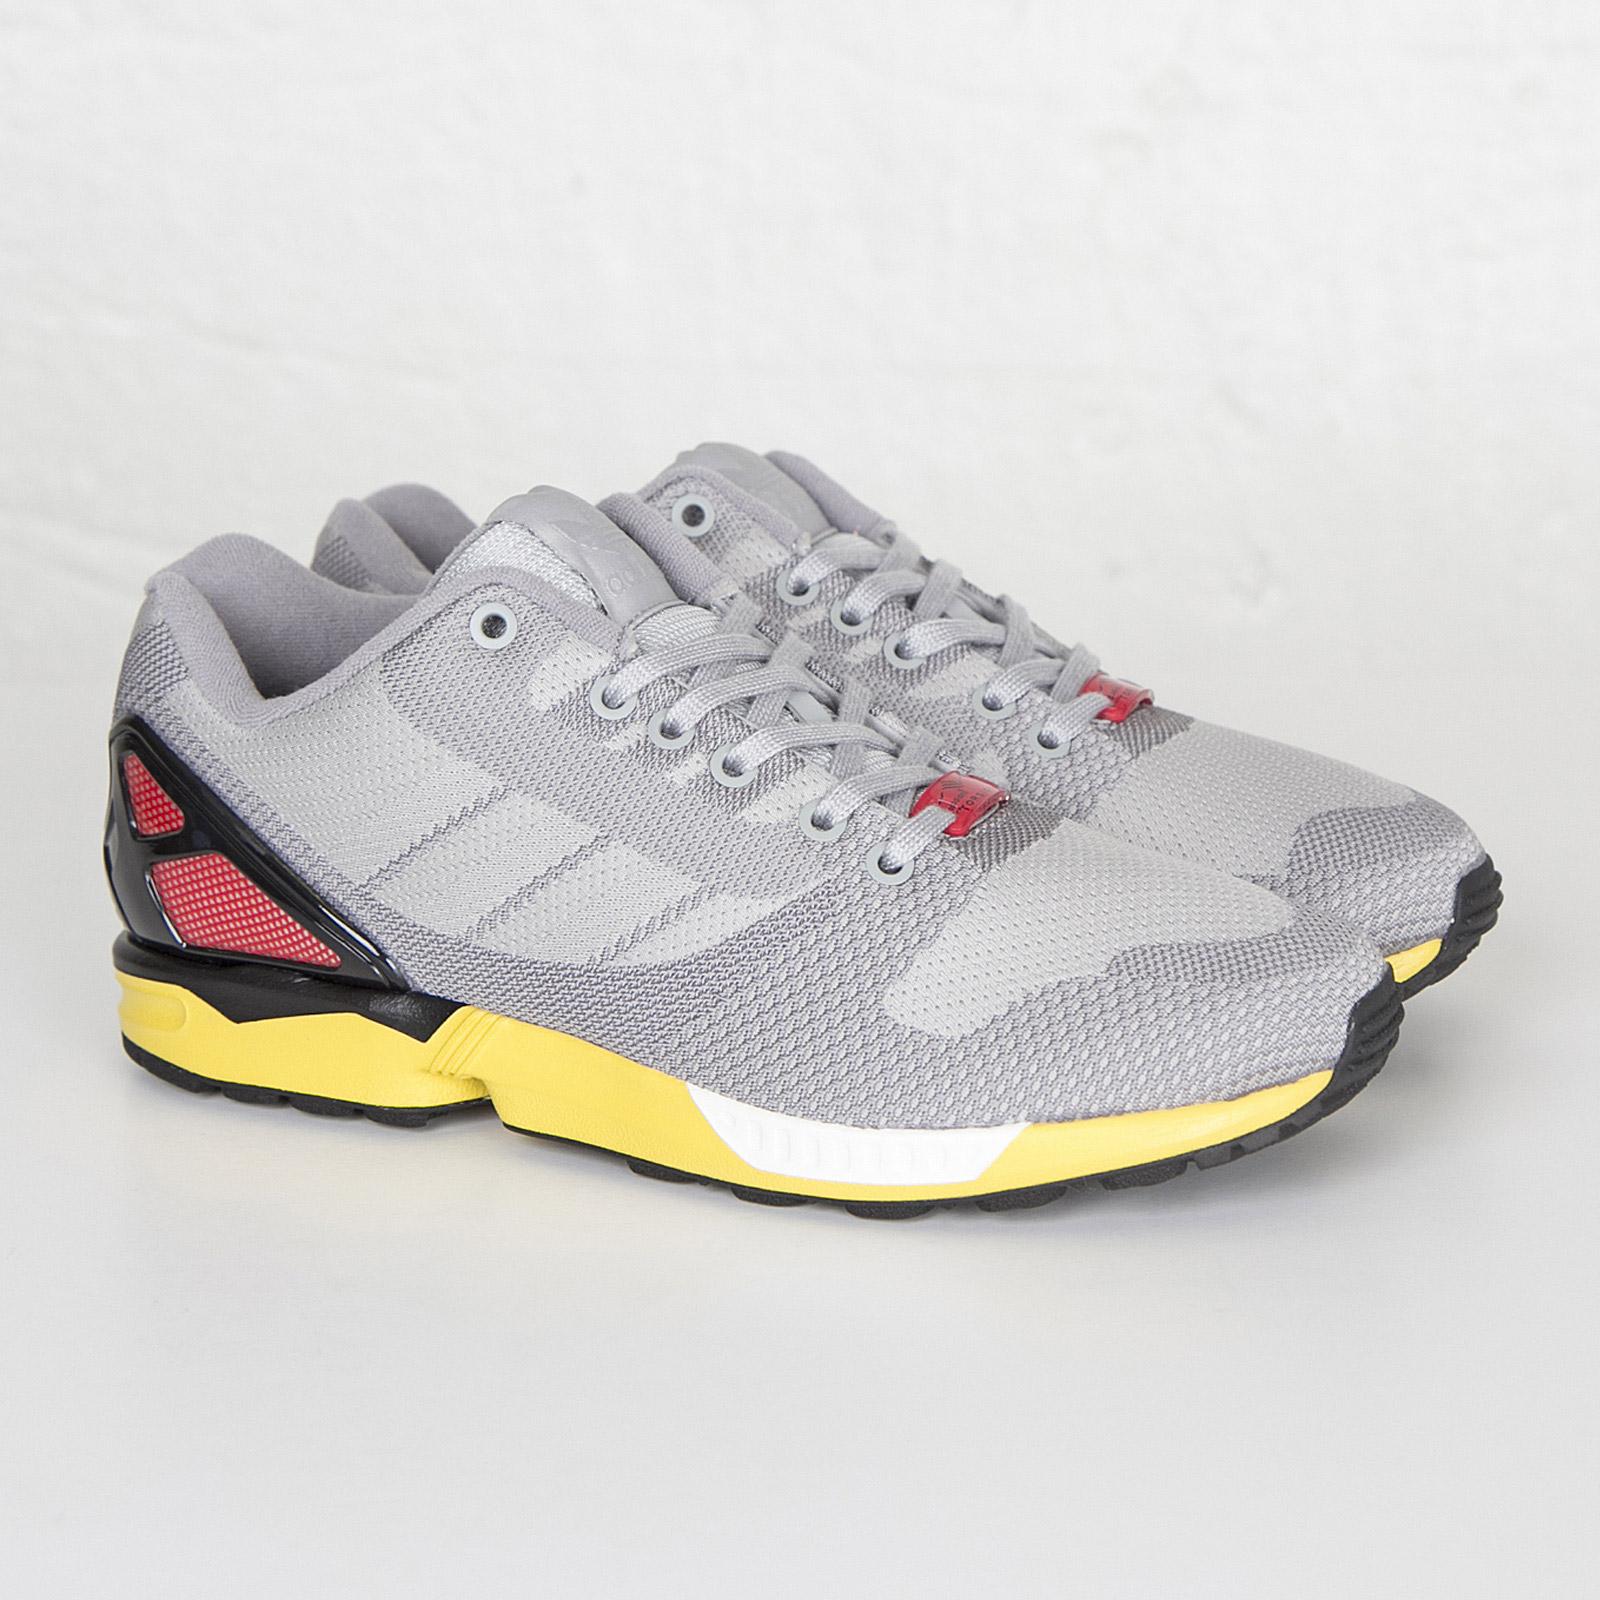 30ee357c4d60 adidas ZX Flux Weave - Af6346 - Sneakersnstuff